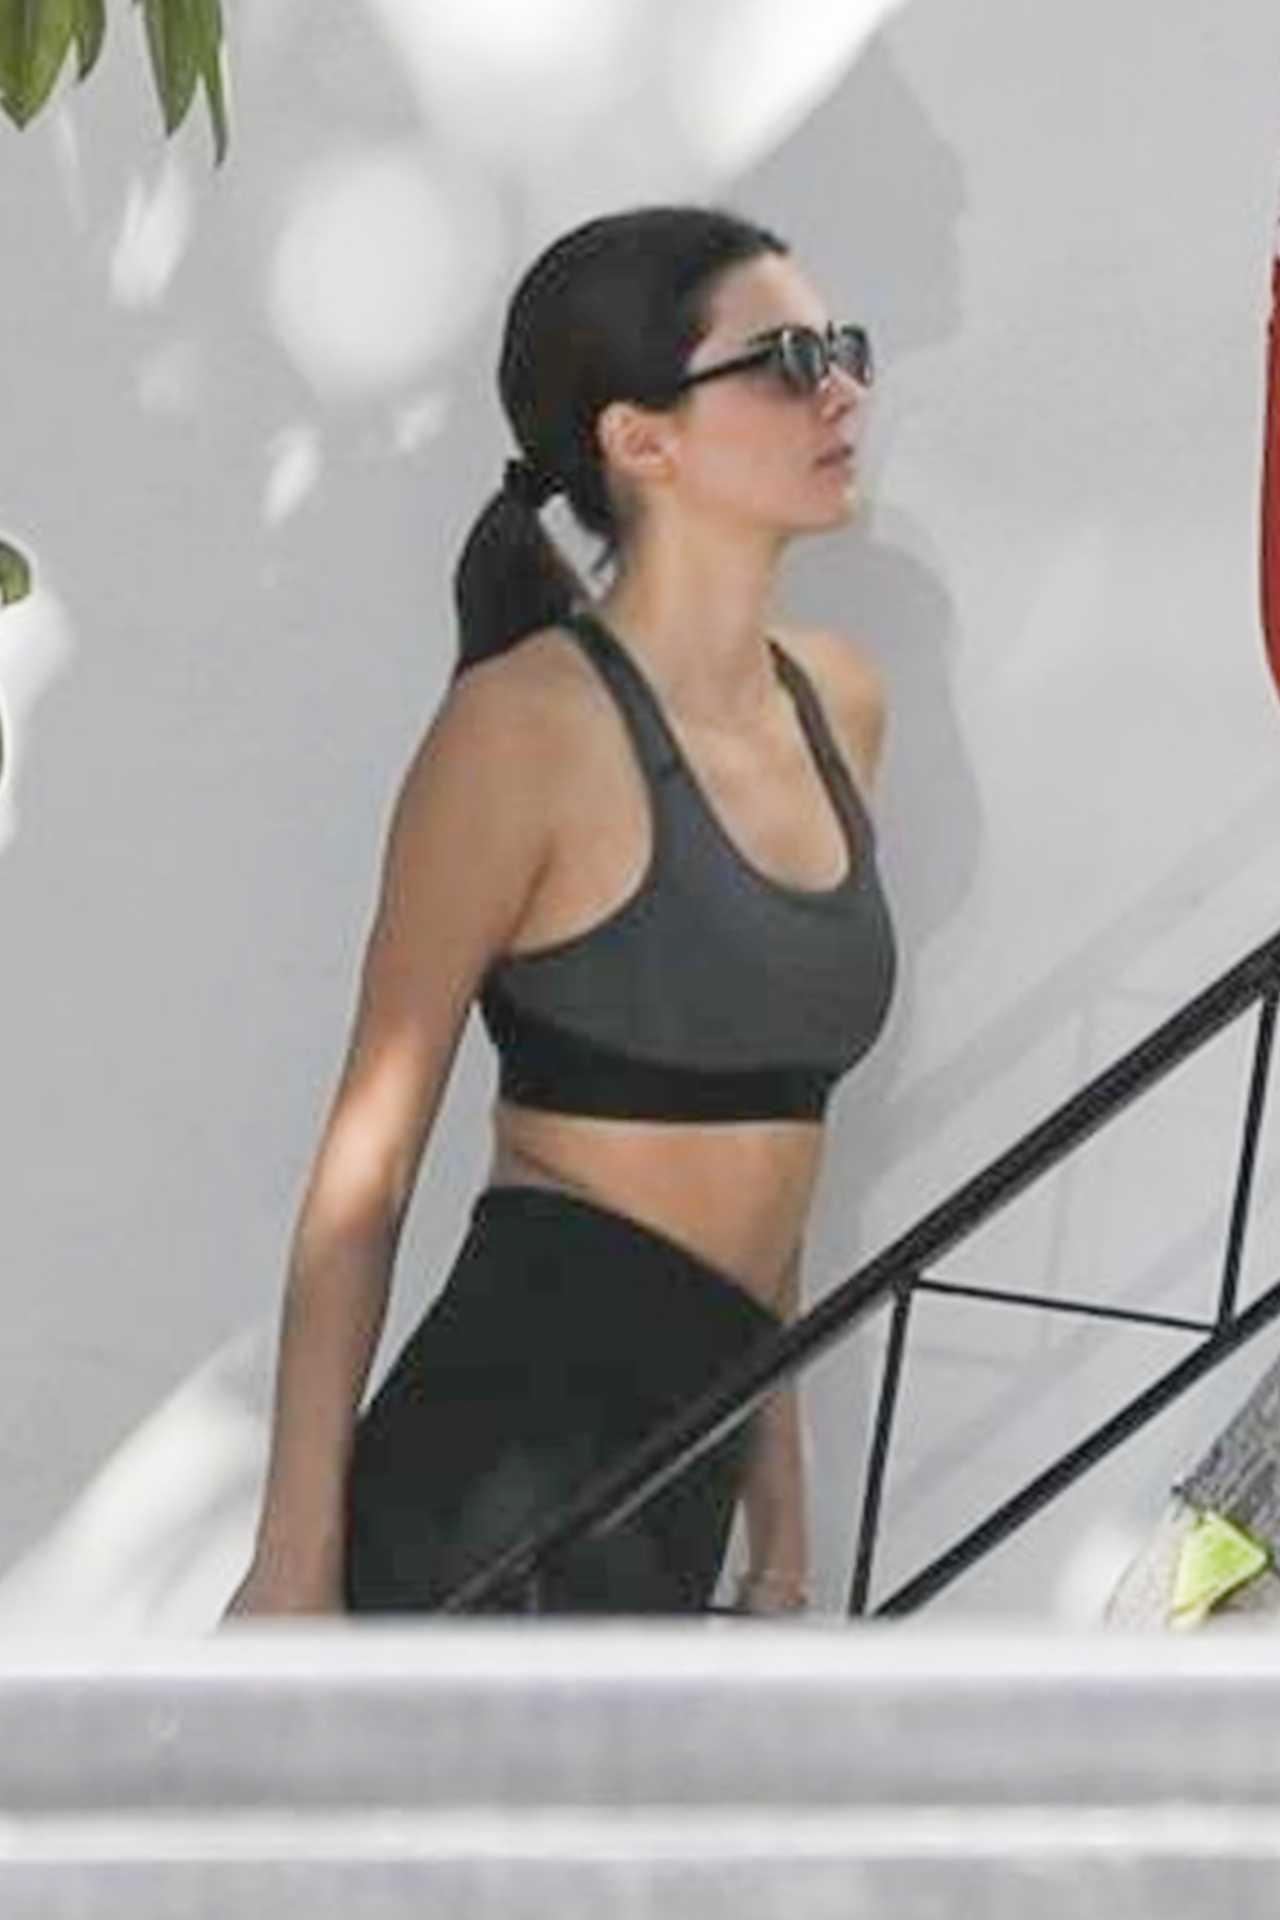 Kendall Jenner donning black skinny leggings